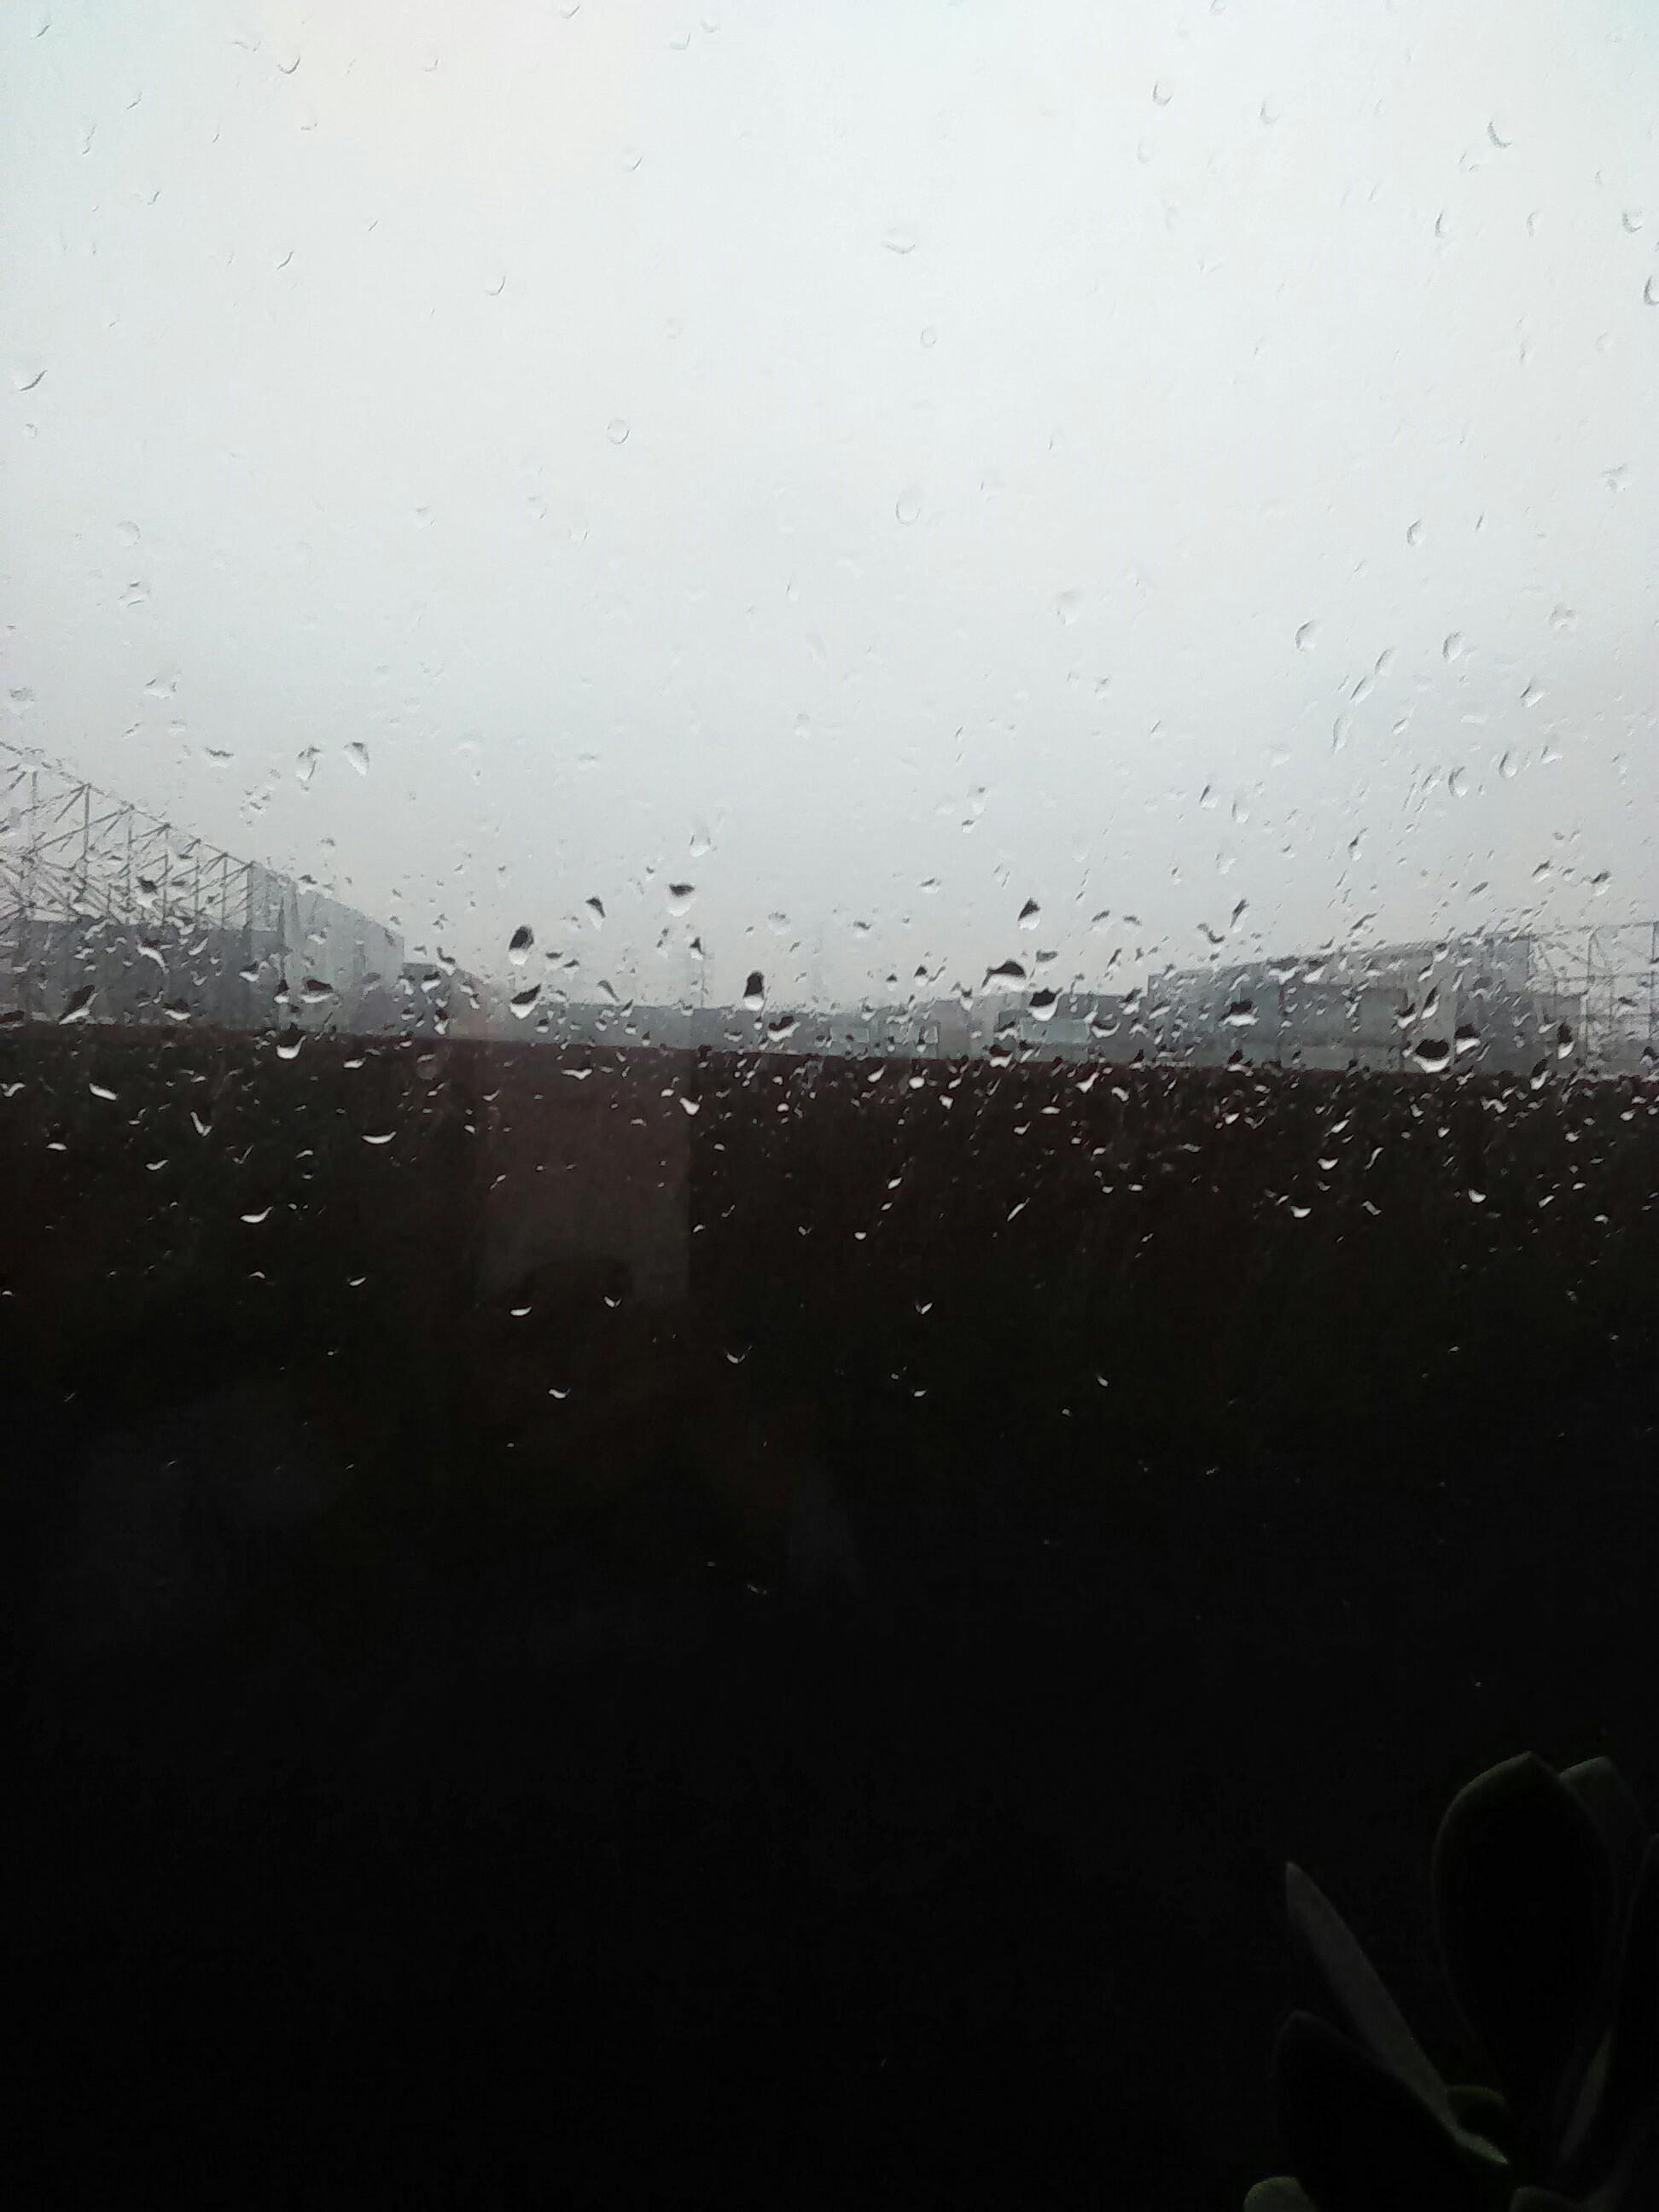 山中下雨动画素材gif